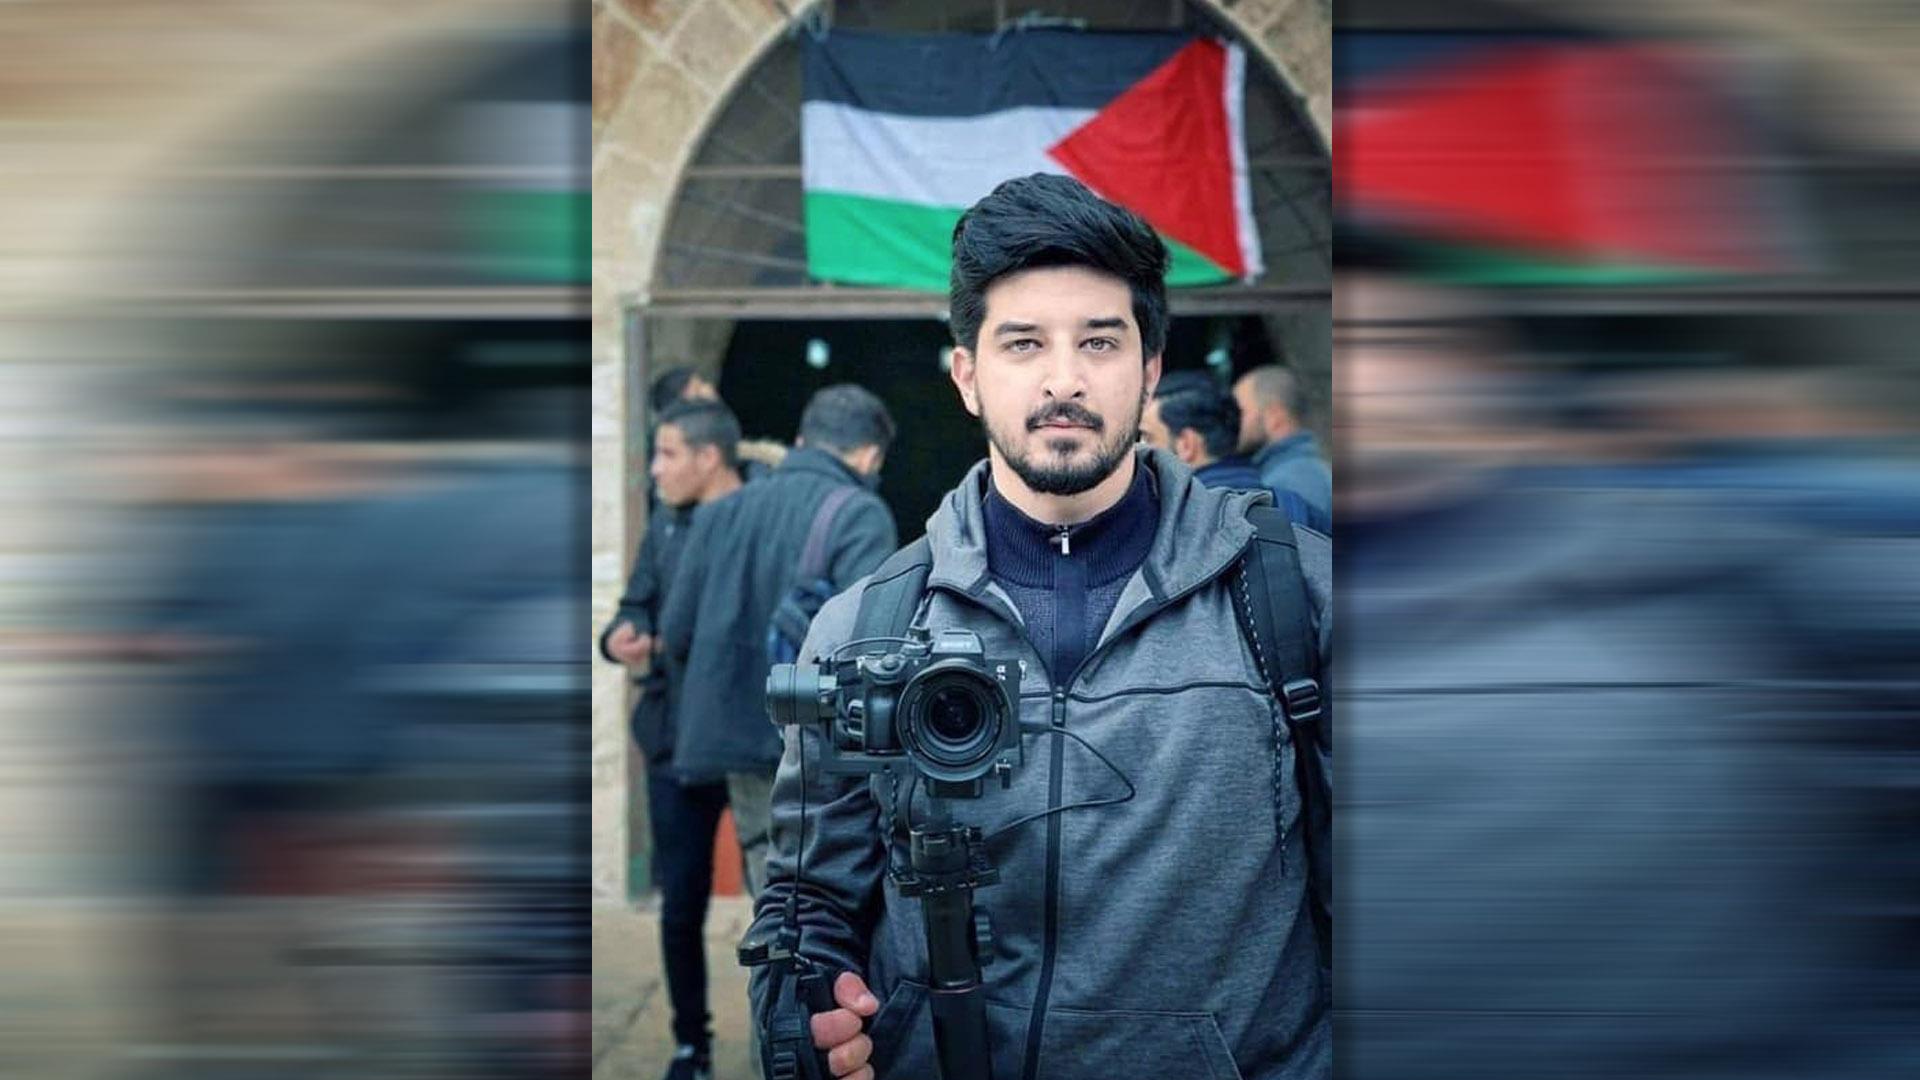 """ناشط فلسطيني يُحرِج """"روسيا اليوم"""" بسبب موقفها من بشار الأسد"""